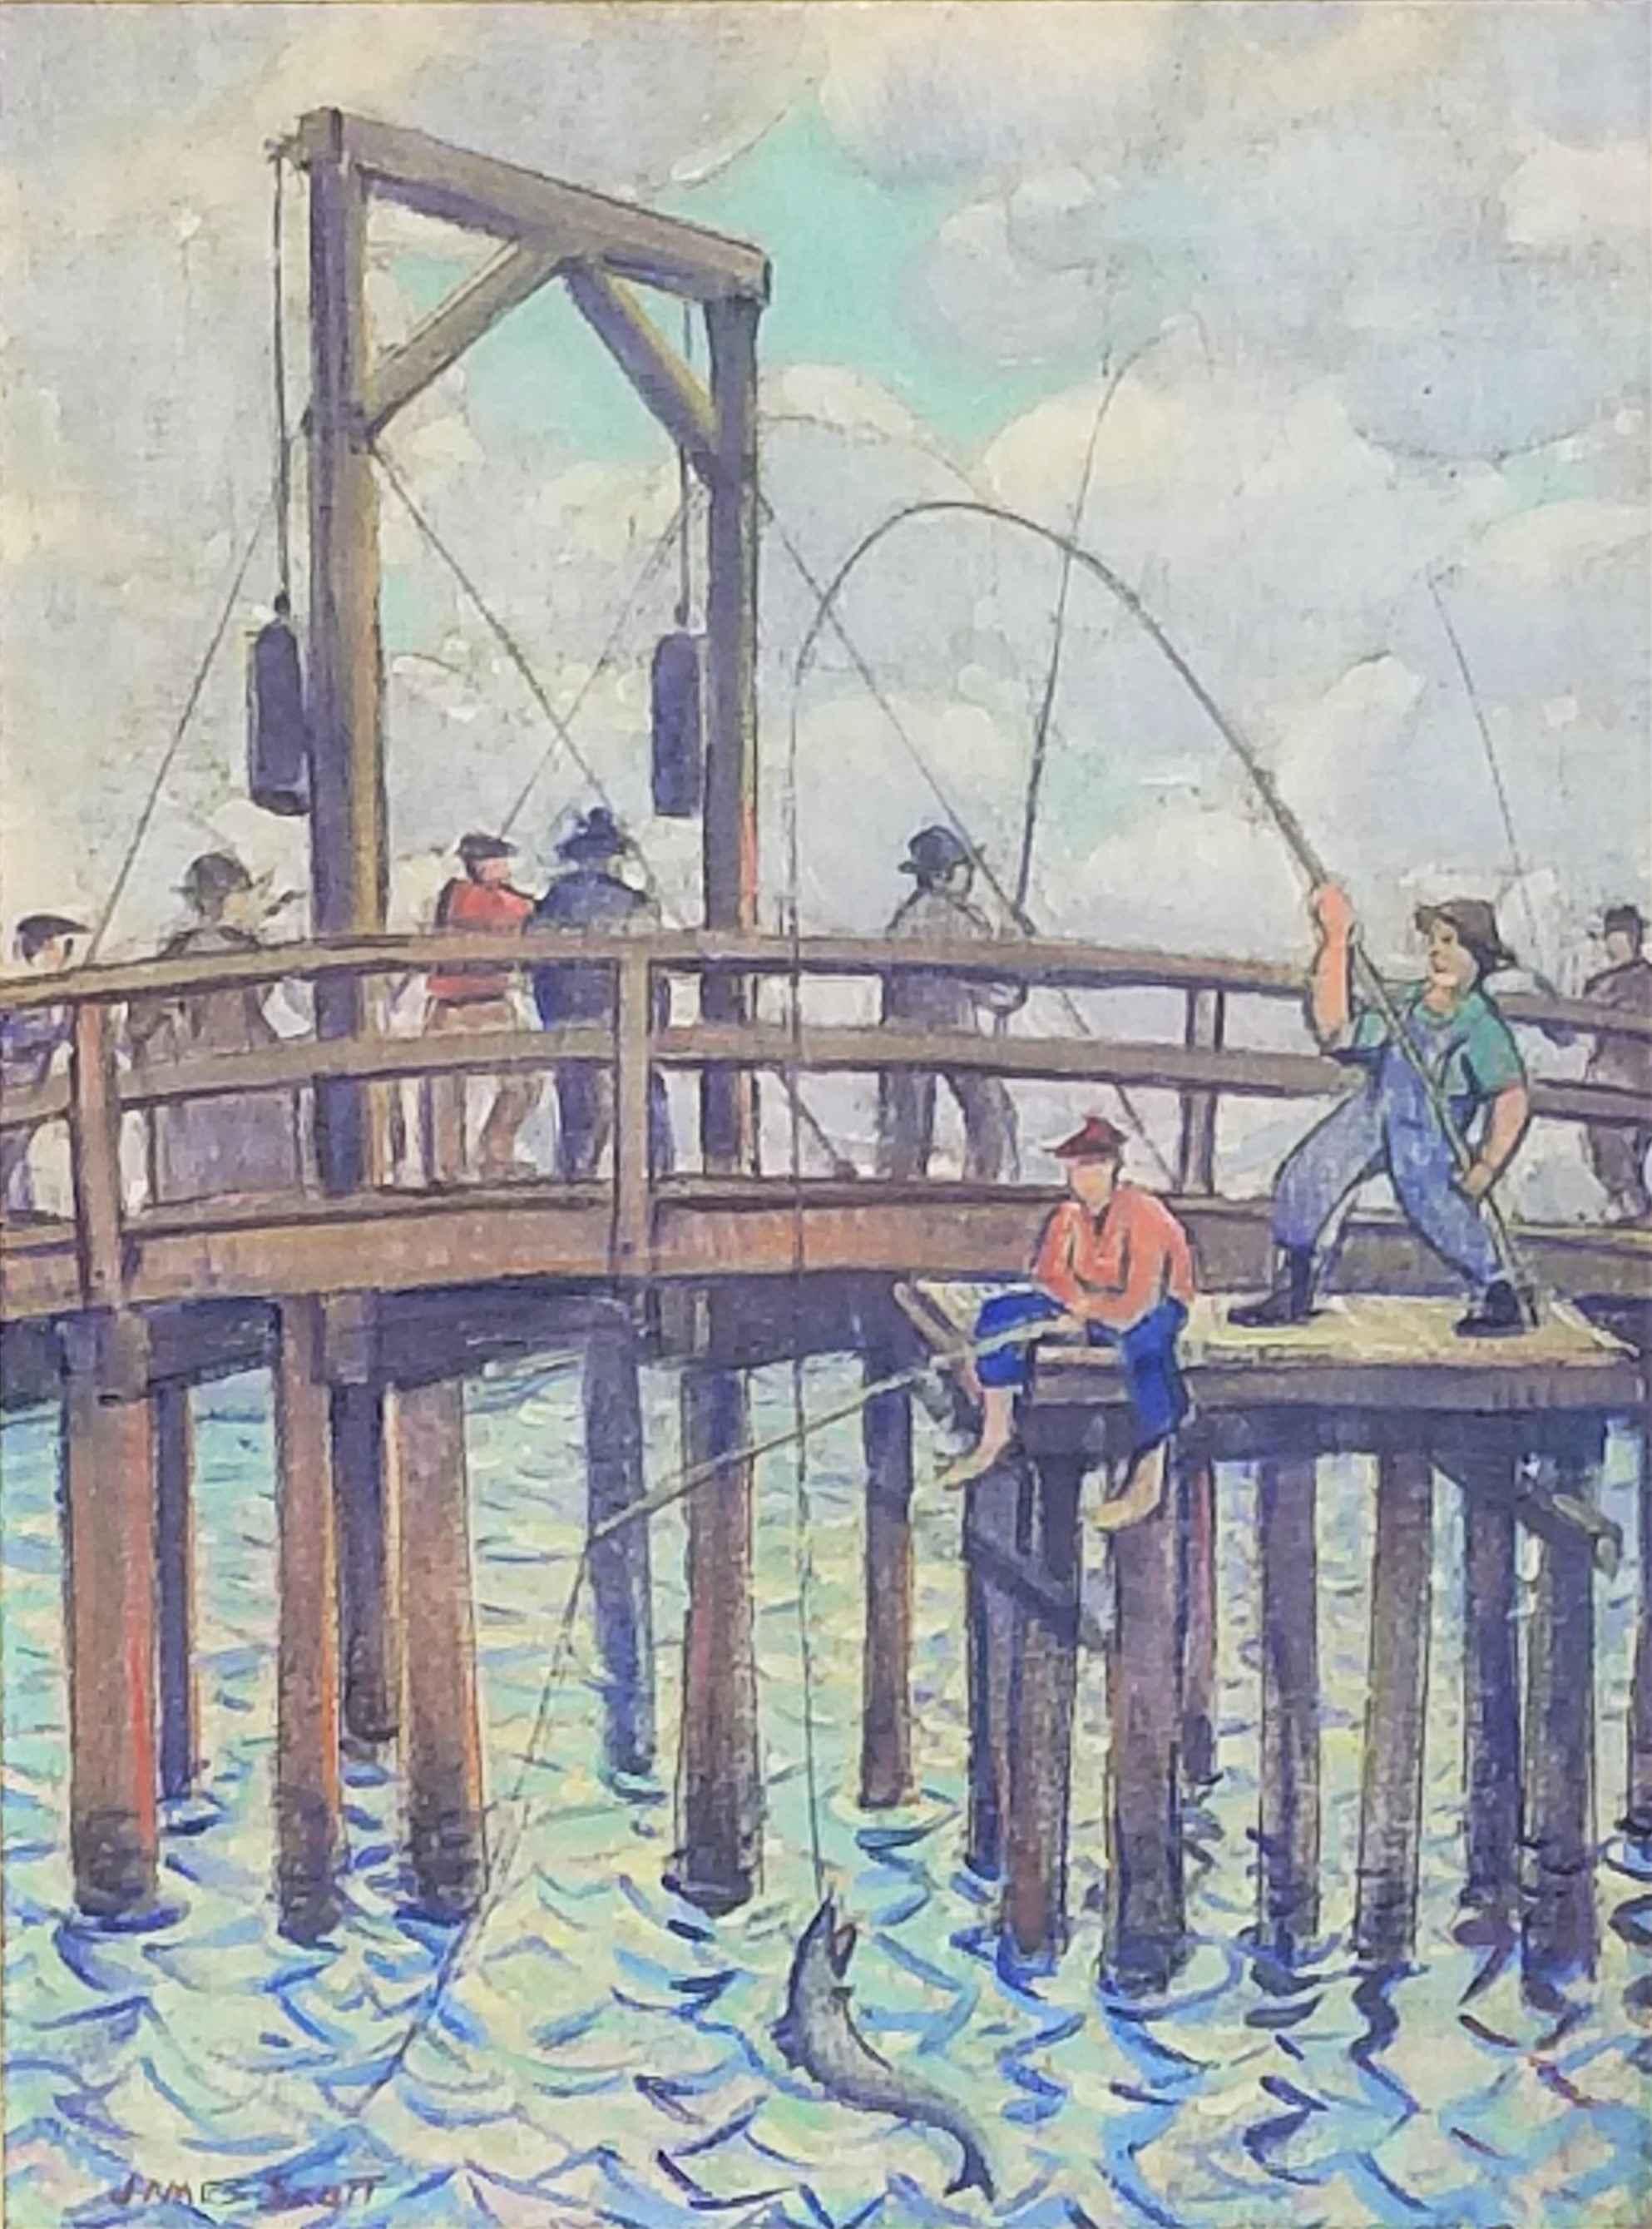 Untitled - Fishermen ... by  James Scott - Masterpiece Online